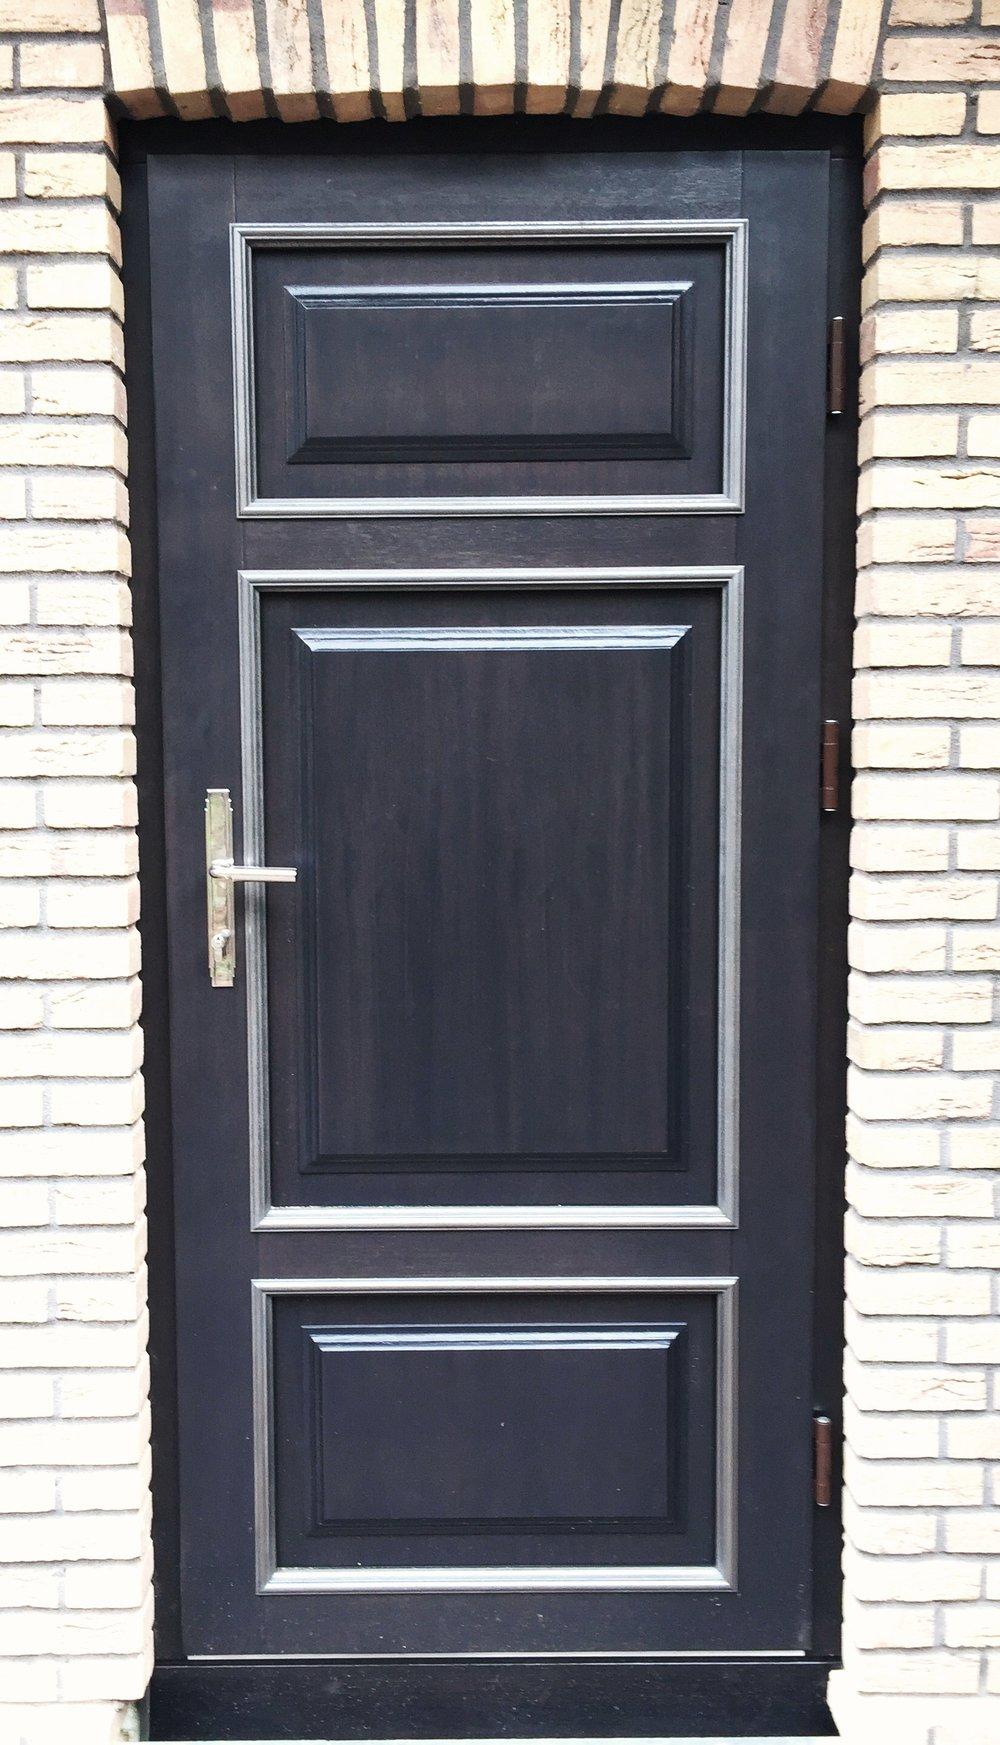 38. Mediniai durų filingų apvadai padengti geležimi.